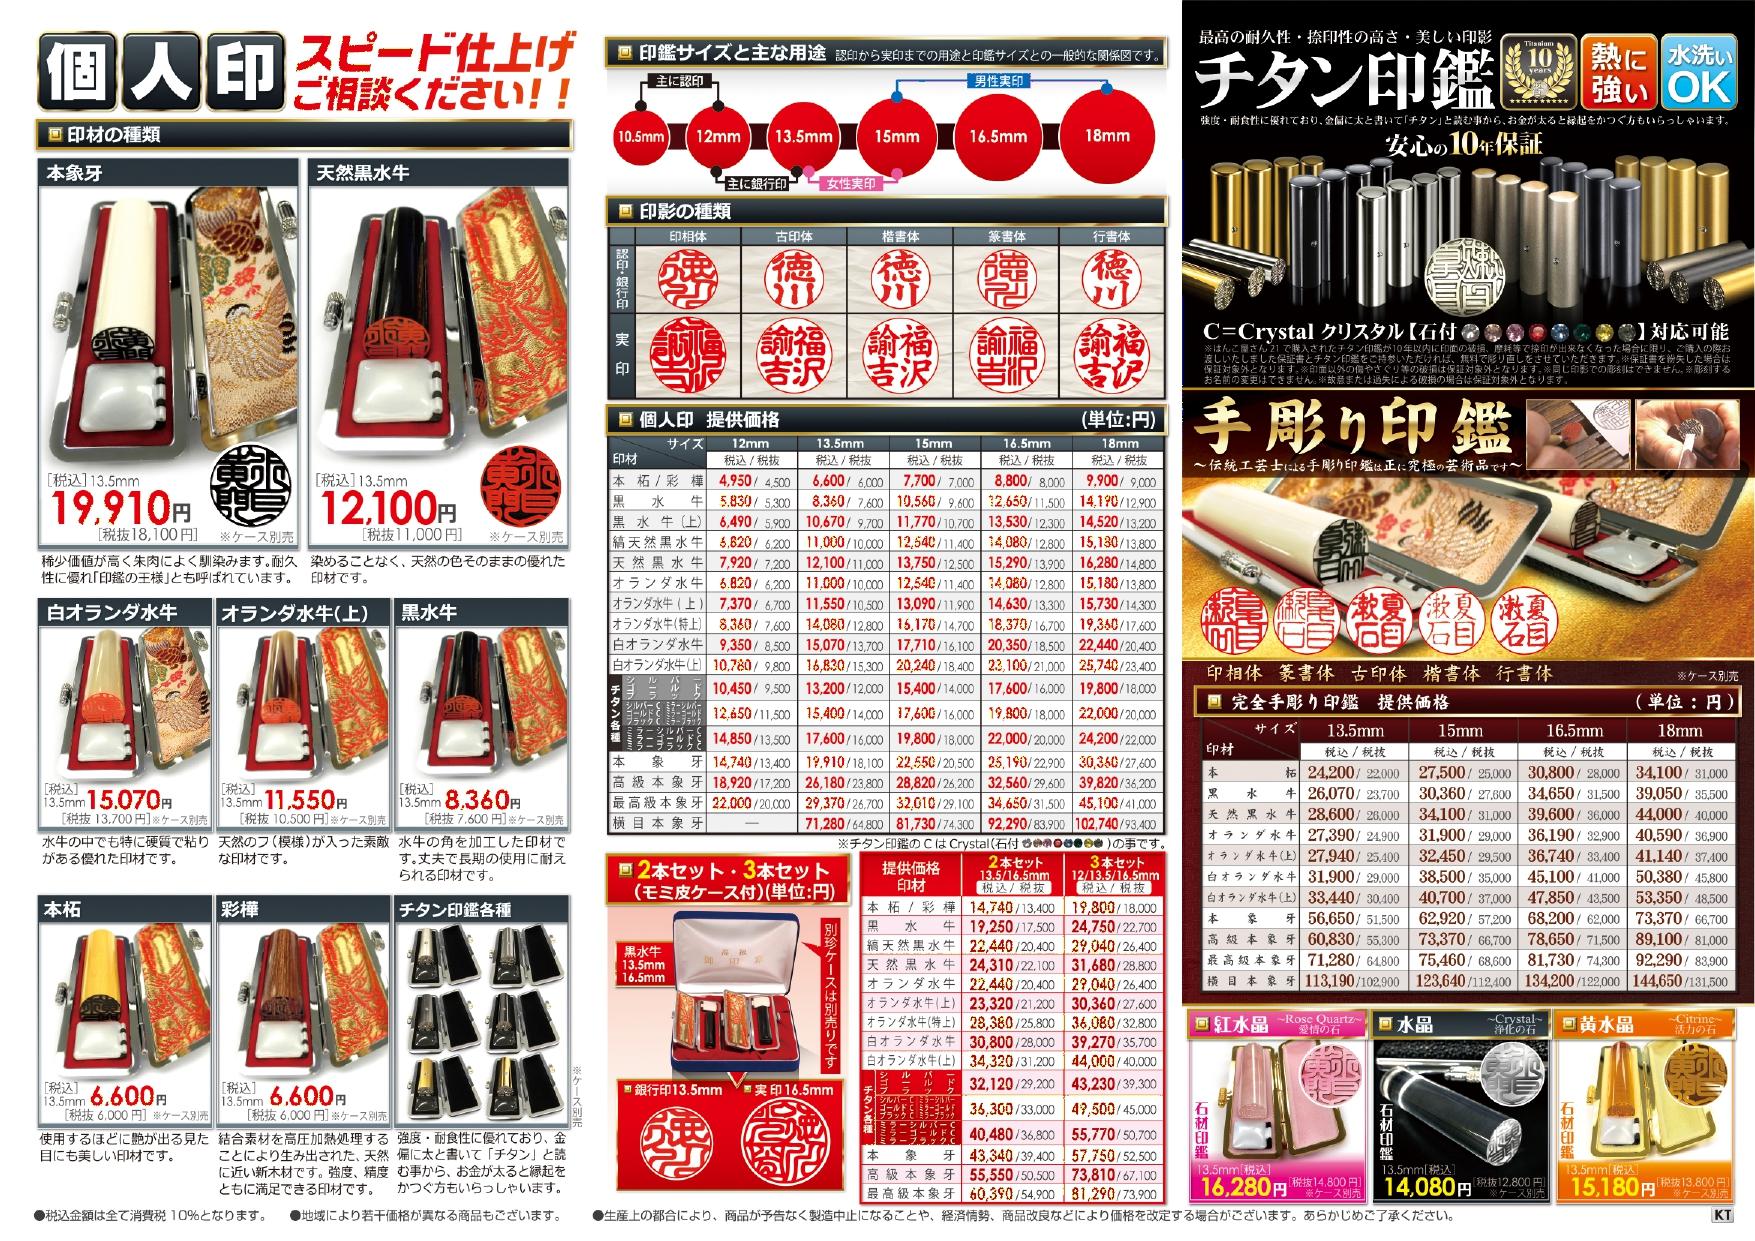 1-印鑑リーフレット(消費税10)(2019-10KT)_page-0002